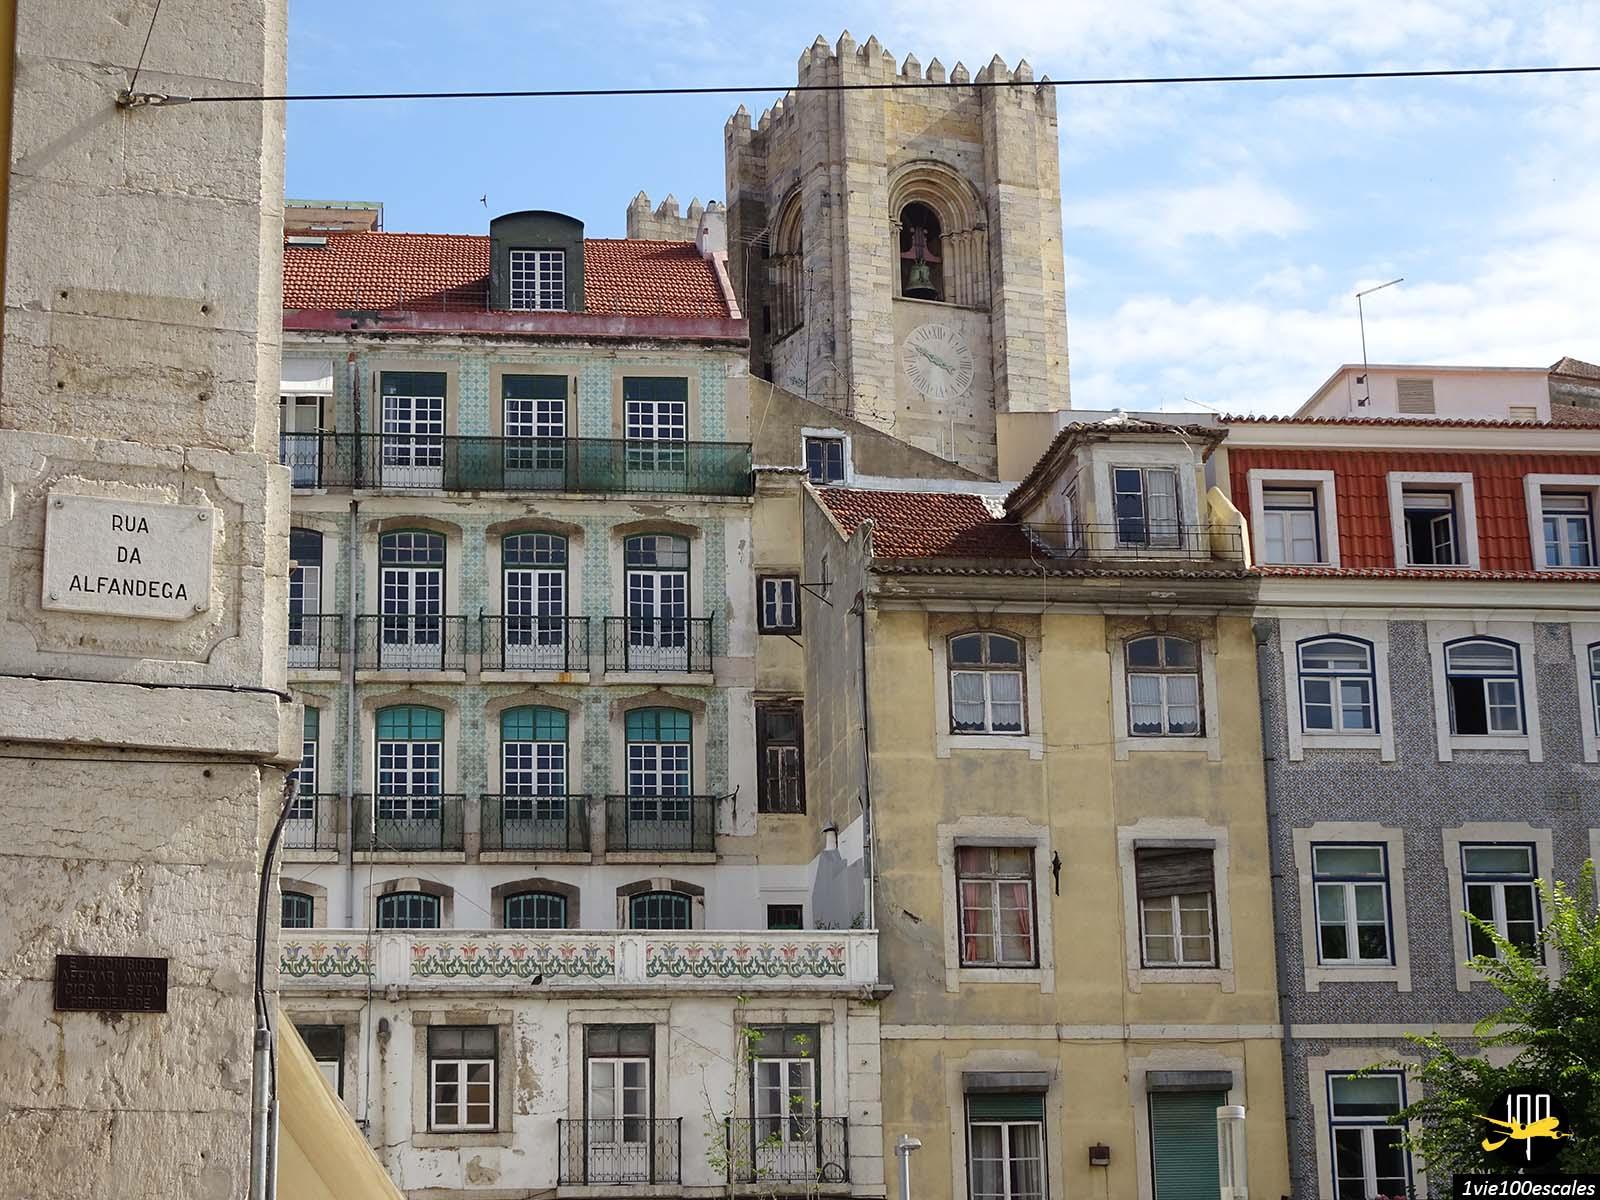 Les magnifiques façades des immeubles de Lisbonne